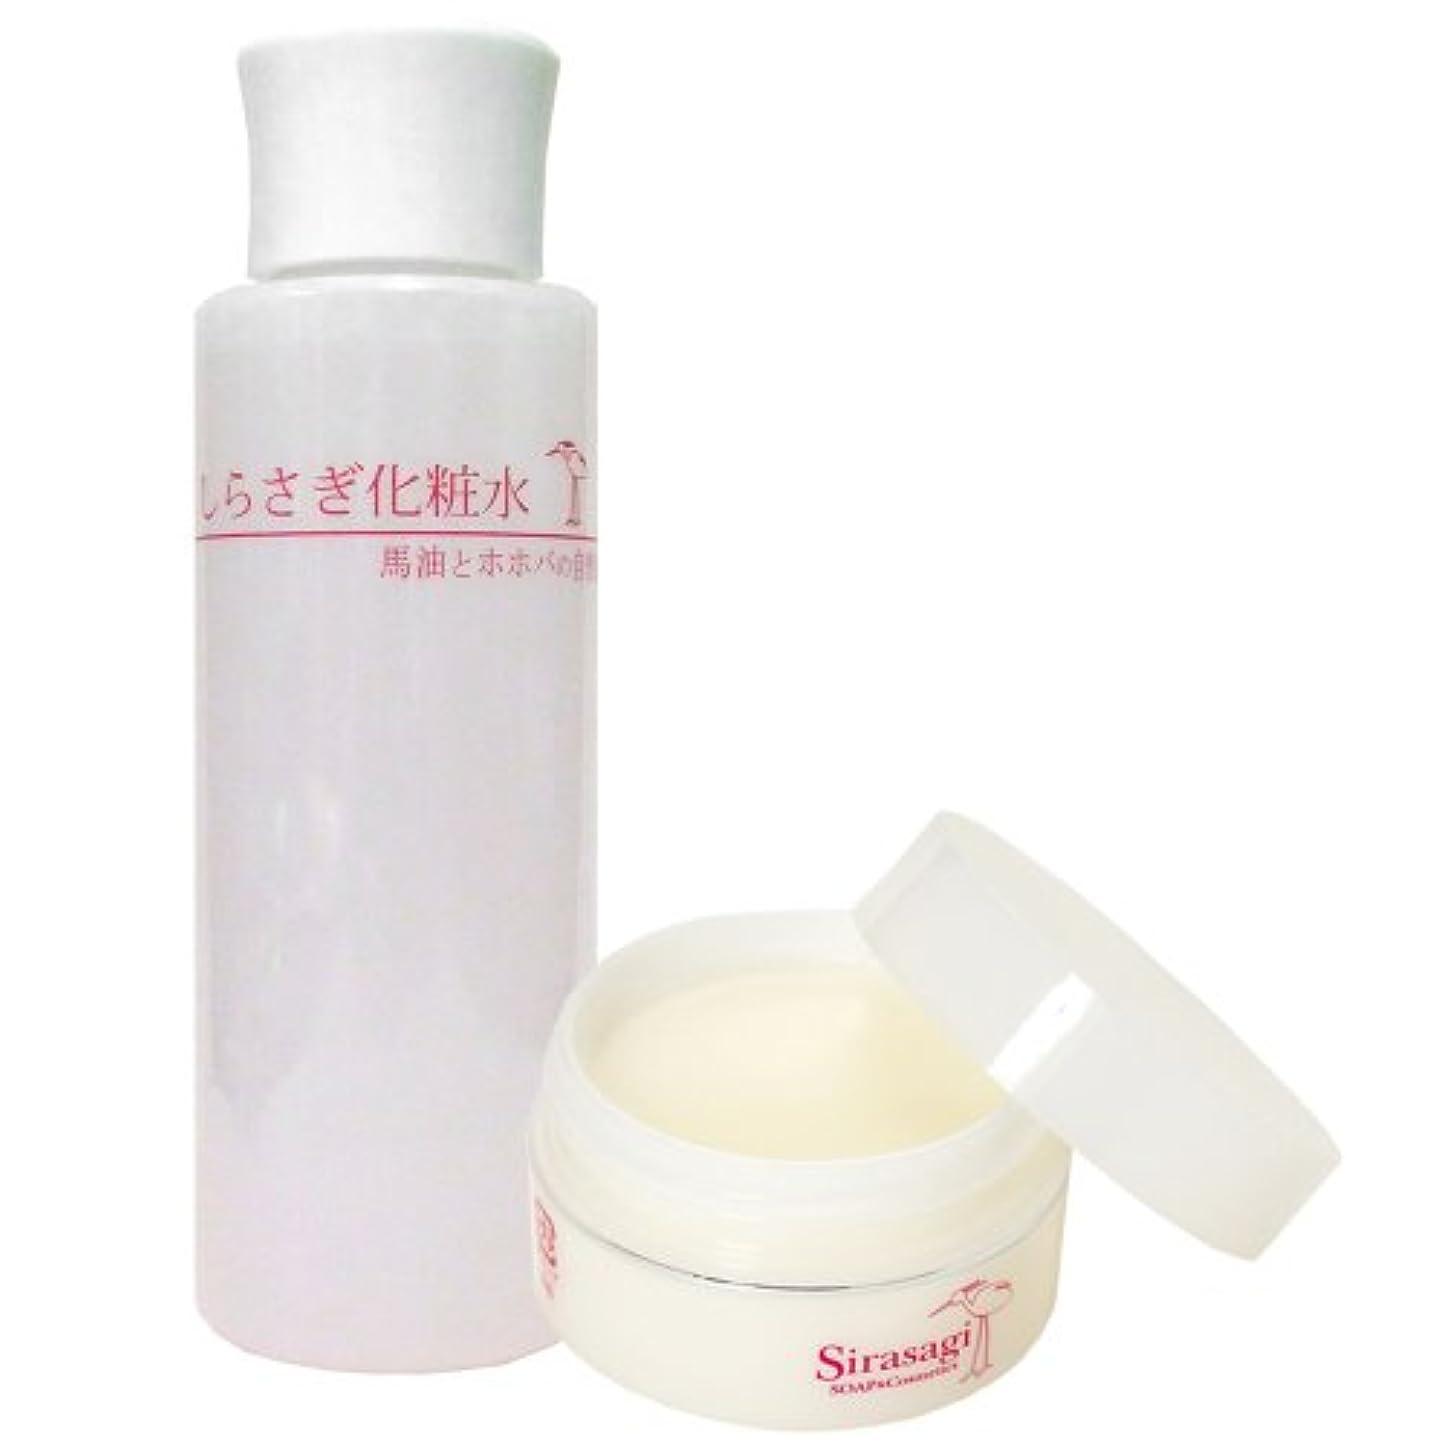 織る繰り返す暗黙しらさぎクリーム(無香料)としらさぎ化粧水のセット